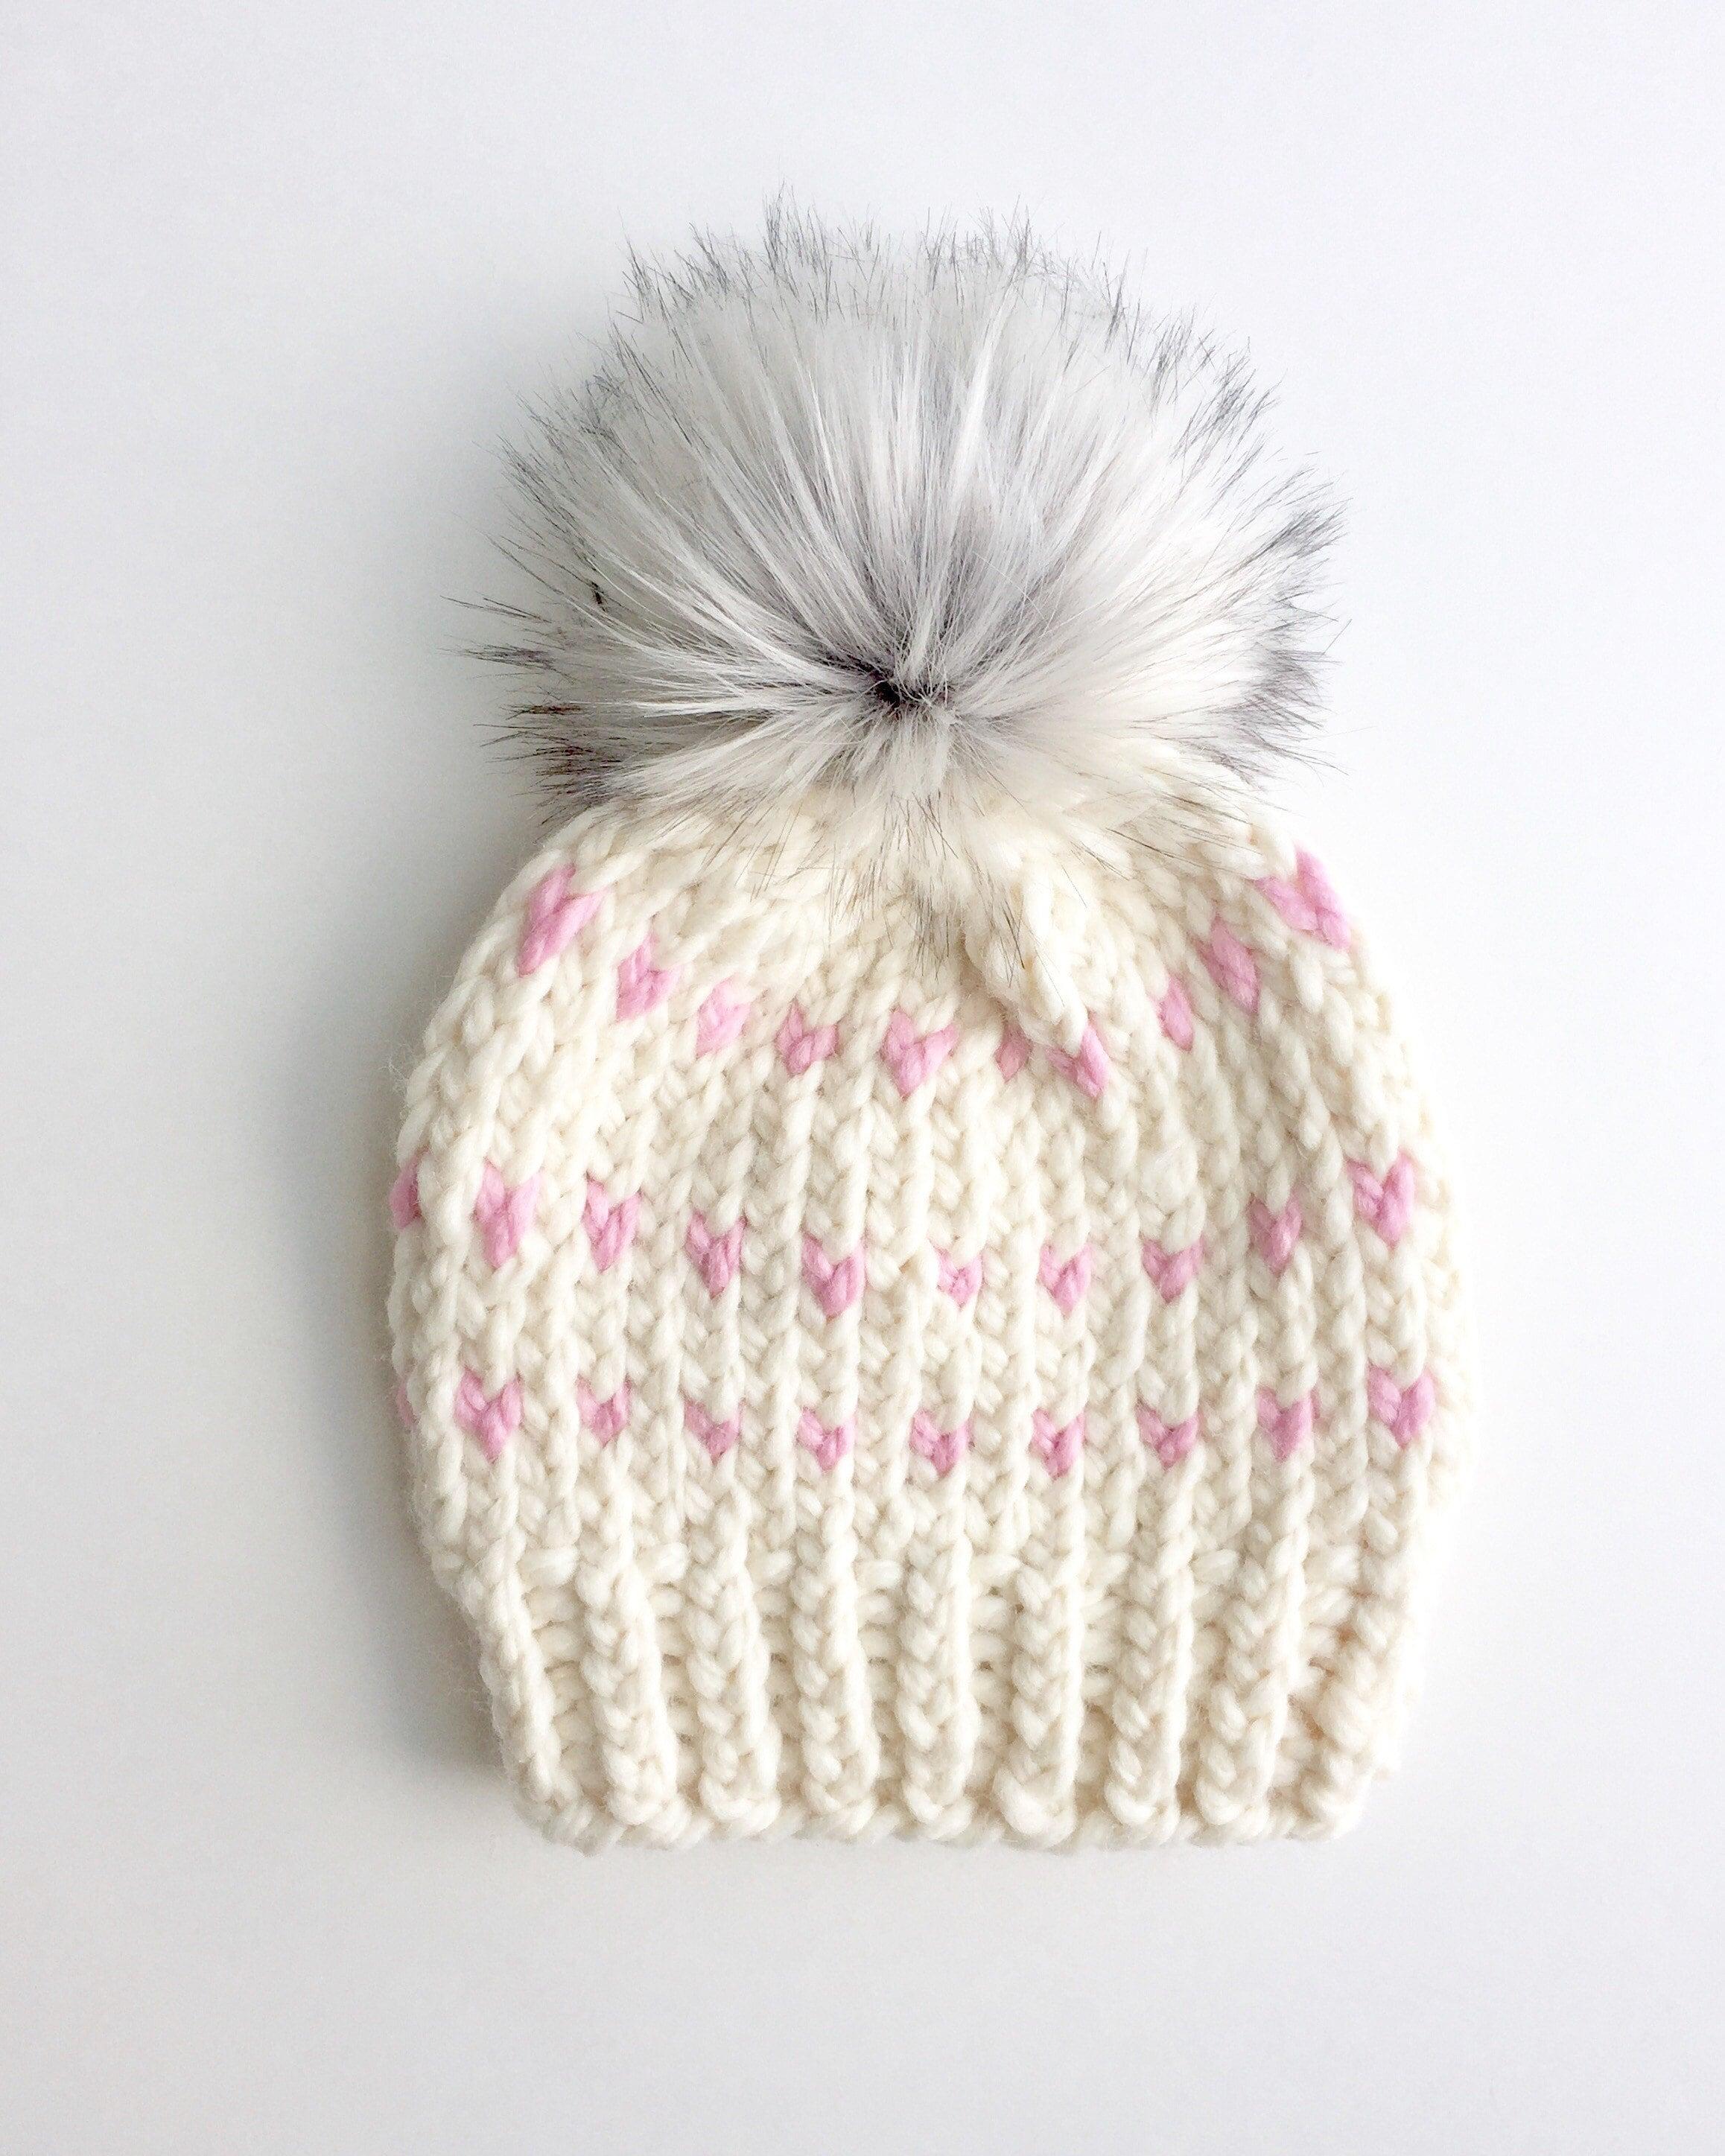 658b1b572 Girls Knit Hat With Fur Pom Pom Toddler Knit Beanie for Girls Child Kids